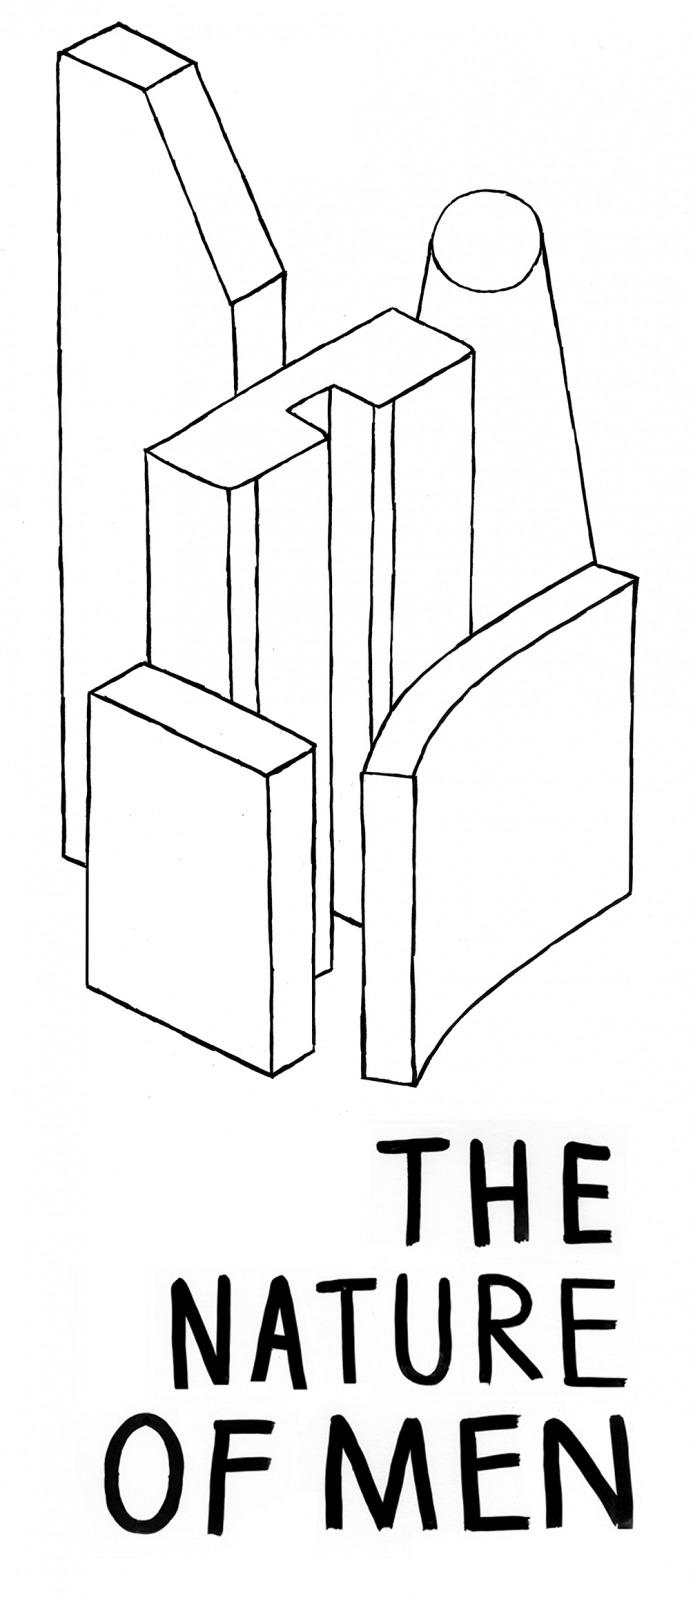 s_エルメス イベントロゴ Test1